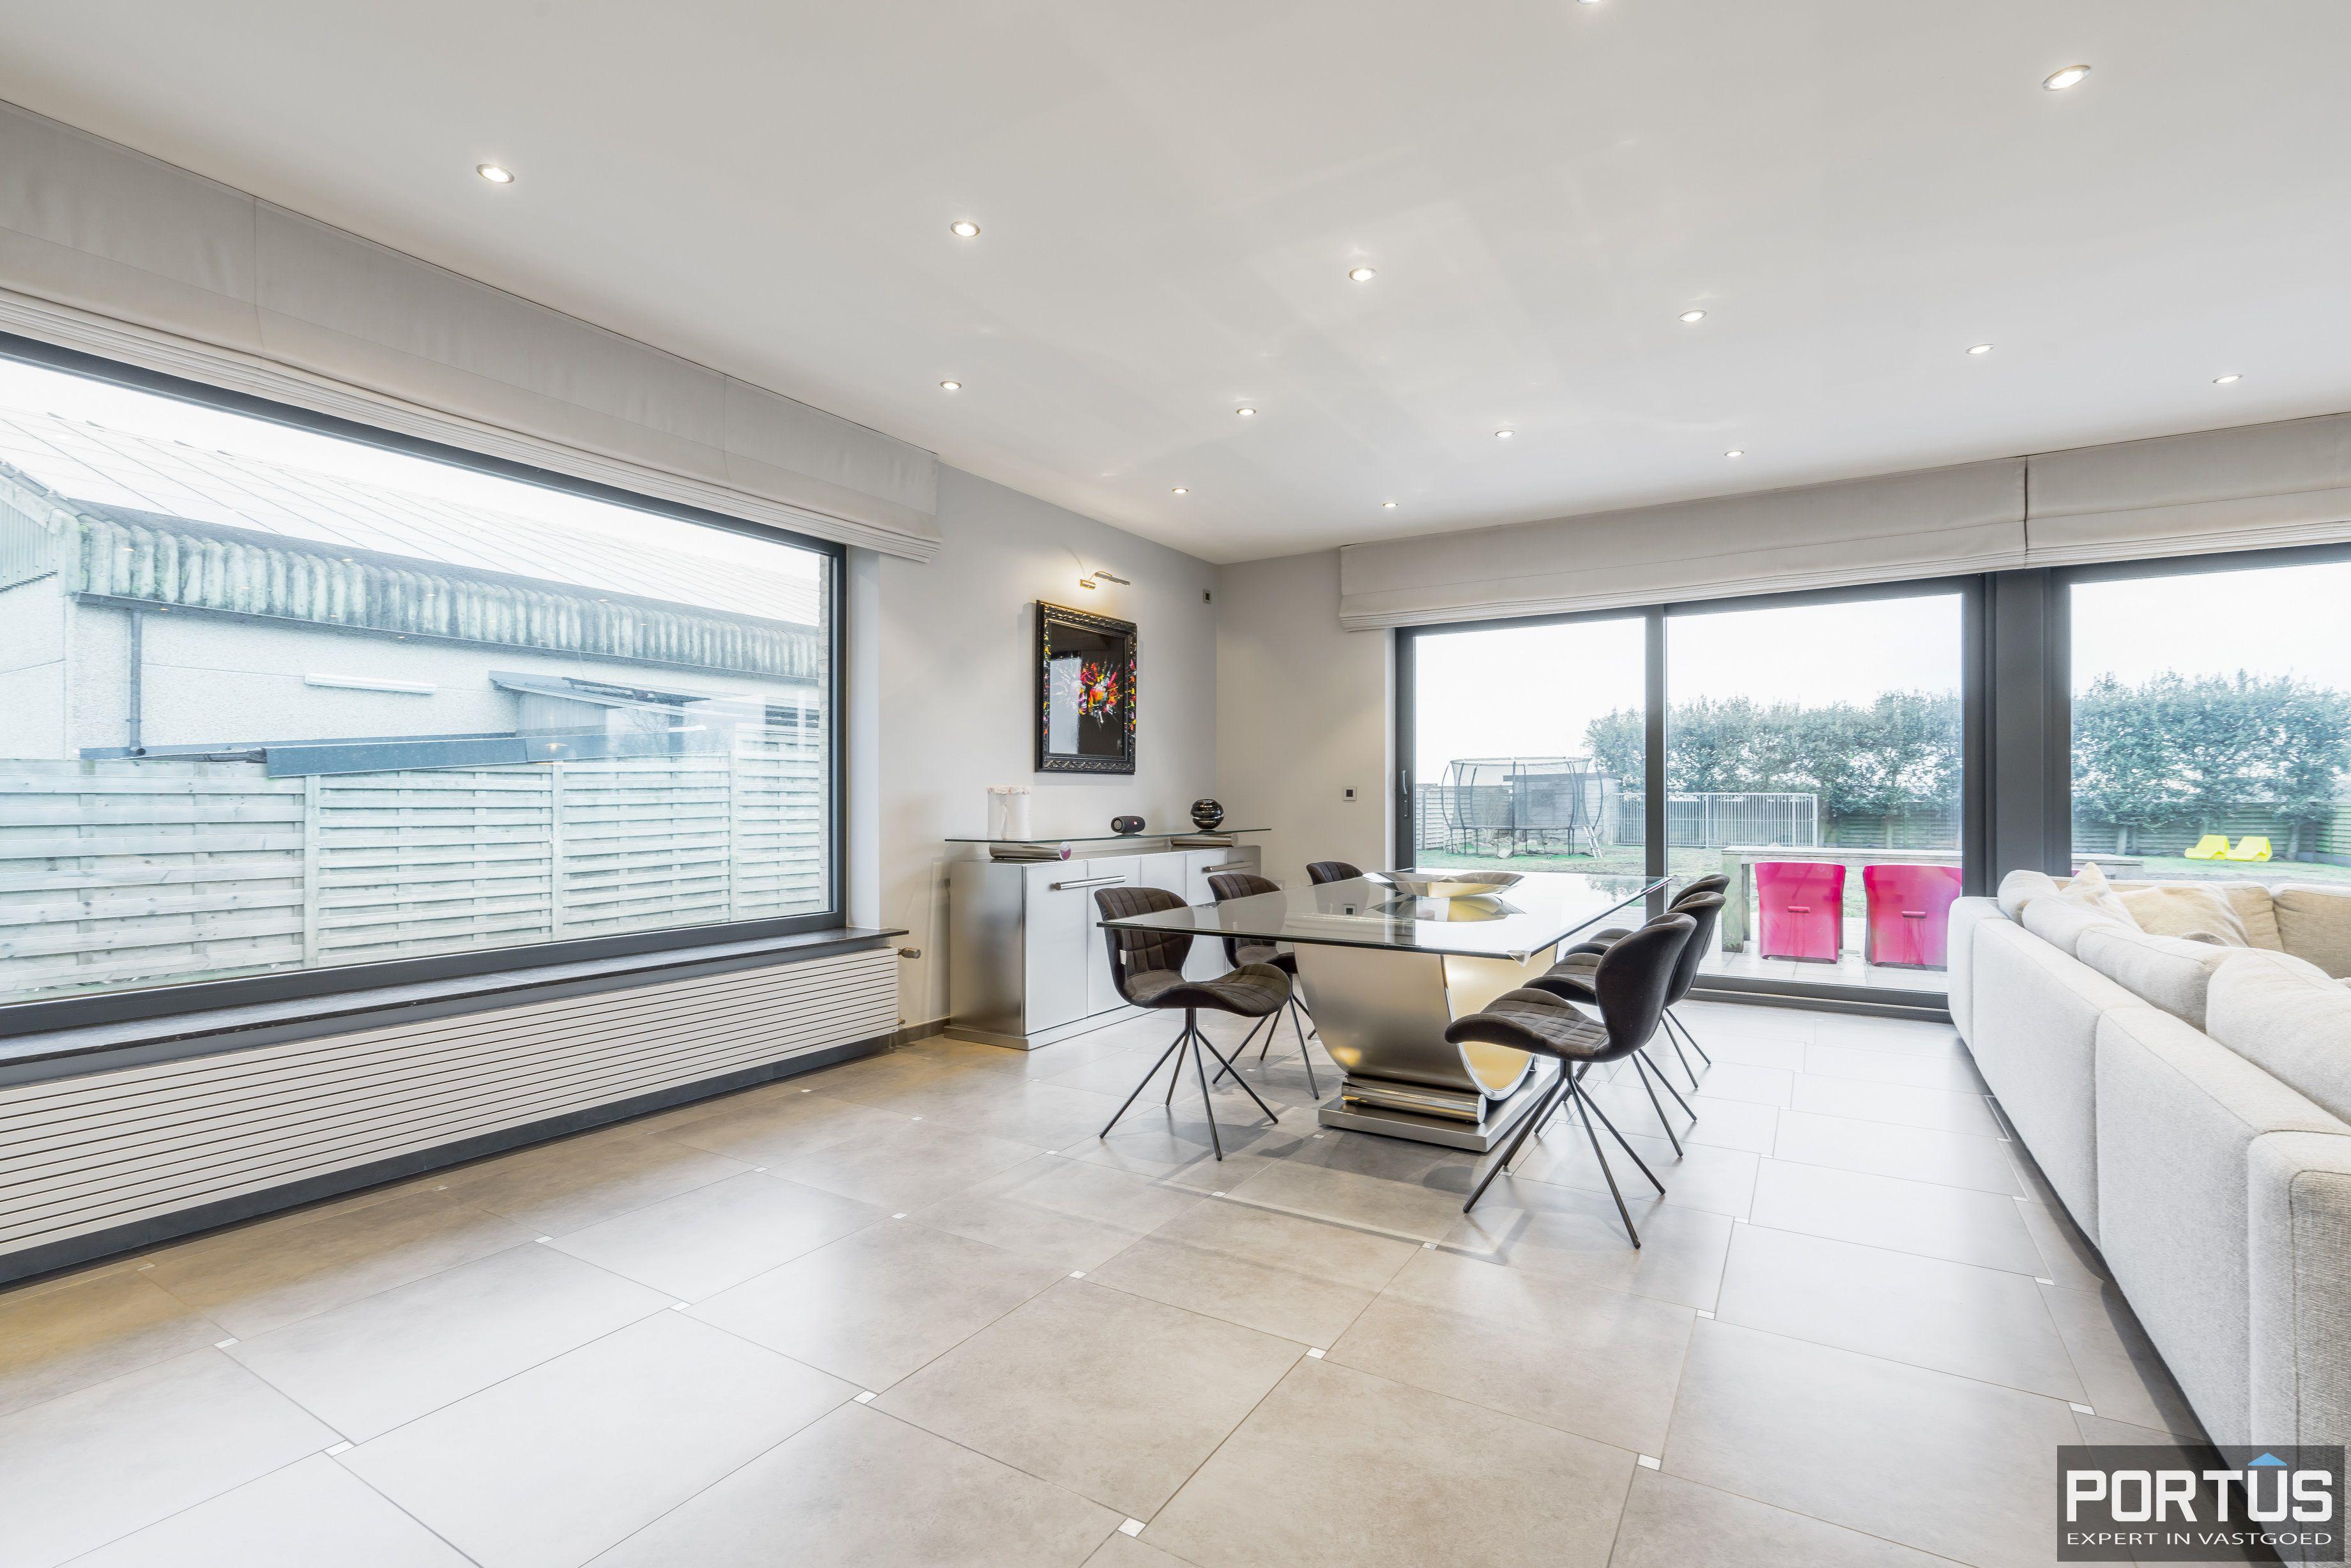 Instapklare villa met 3 slaapkamers te koop te Middelkerke - 12239